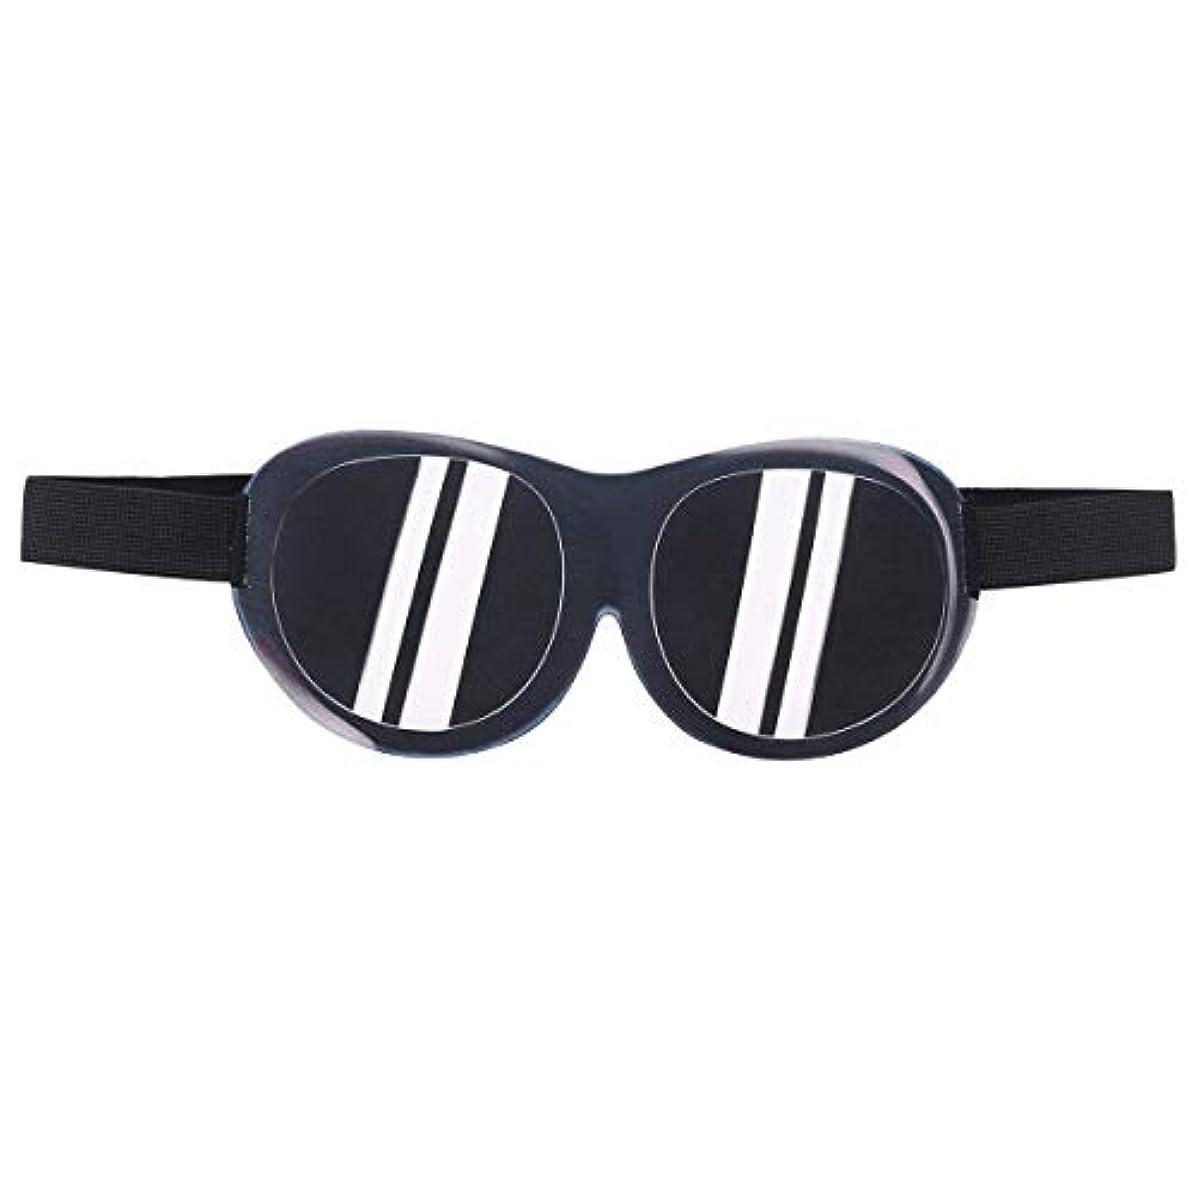 現れる区別拮抗するHealifty 3D面白いアイシェード睡眠マスク旅行アイマスク目隠し睡眠ヘルパーアイシェード男性女性旅行昼寝と深い睡眠(サングラスを装ったふりをする)